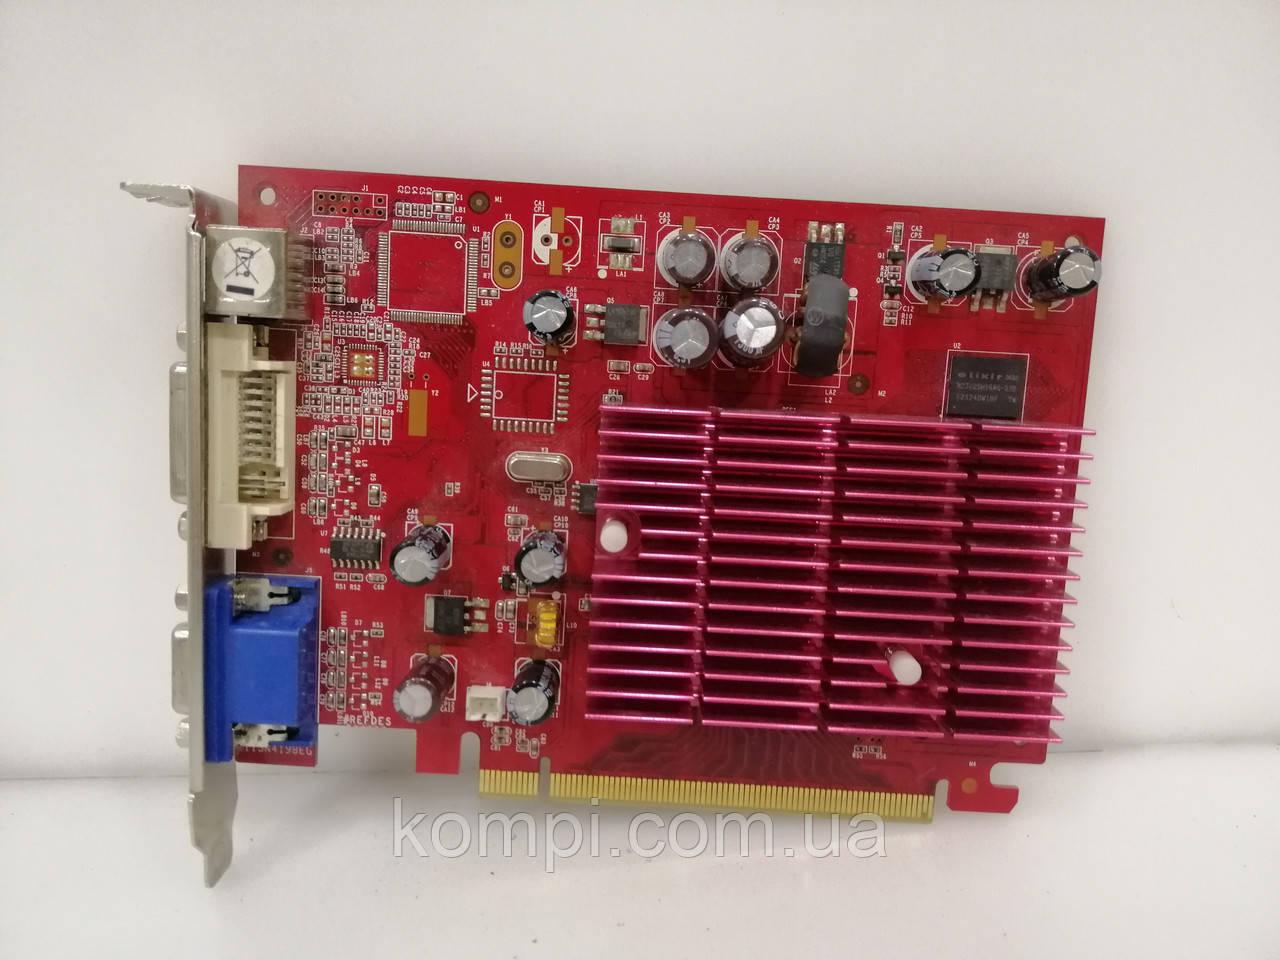 Видеокарта NVIDIA 7100Gs128MB PCI-E